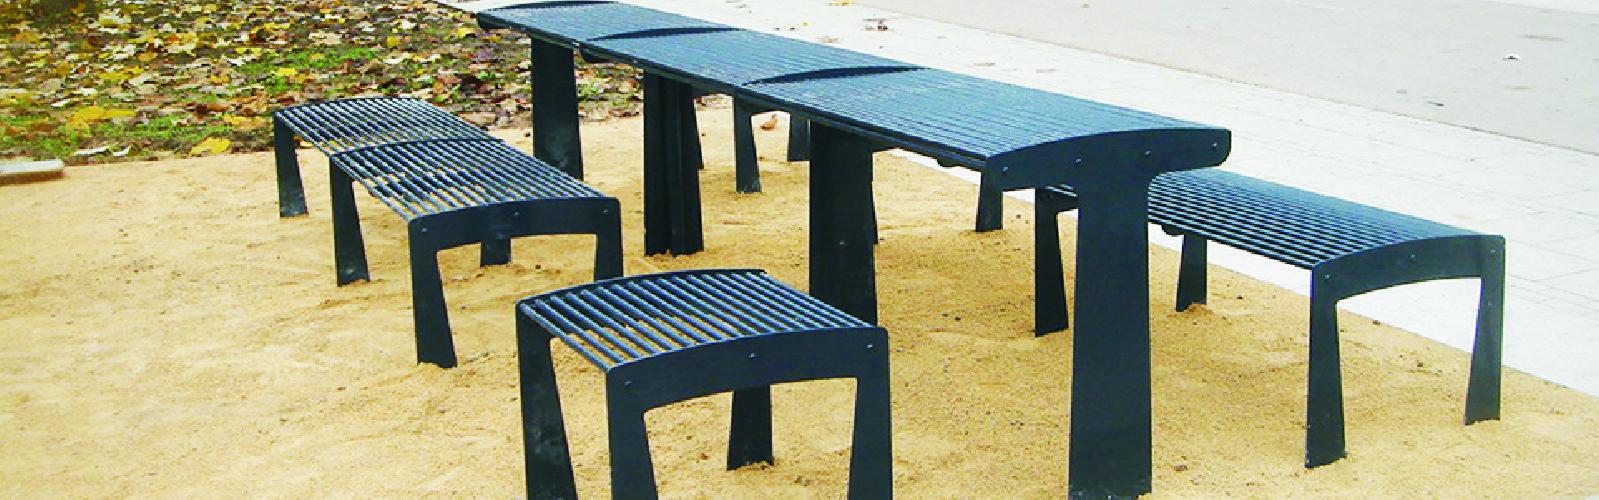 TUB, le mobilier urbain choisi par l'université de Strasbourg